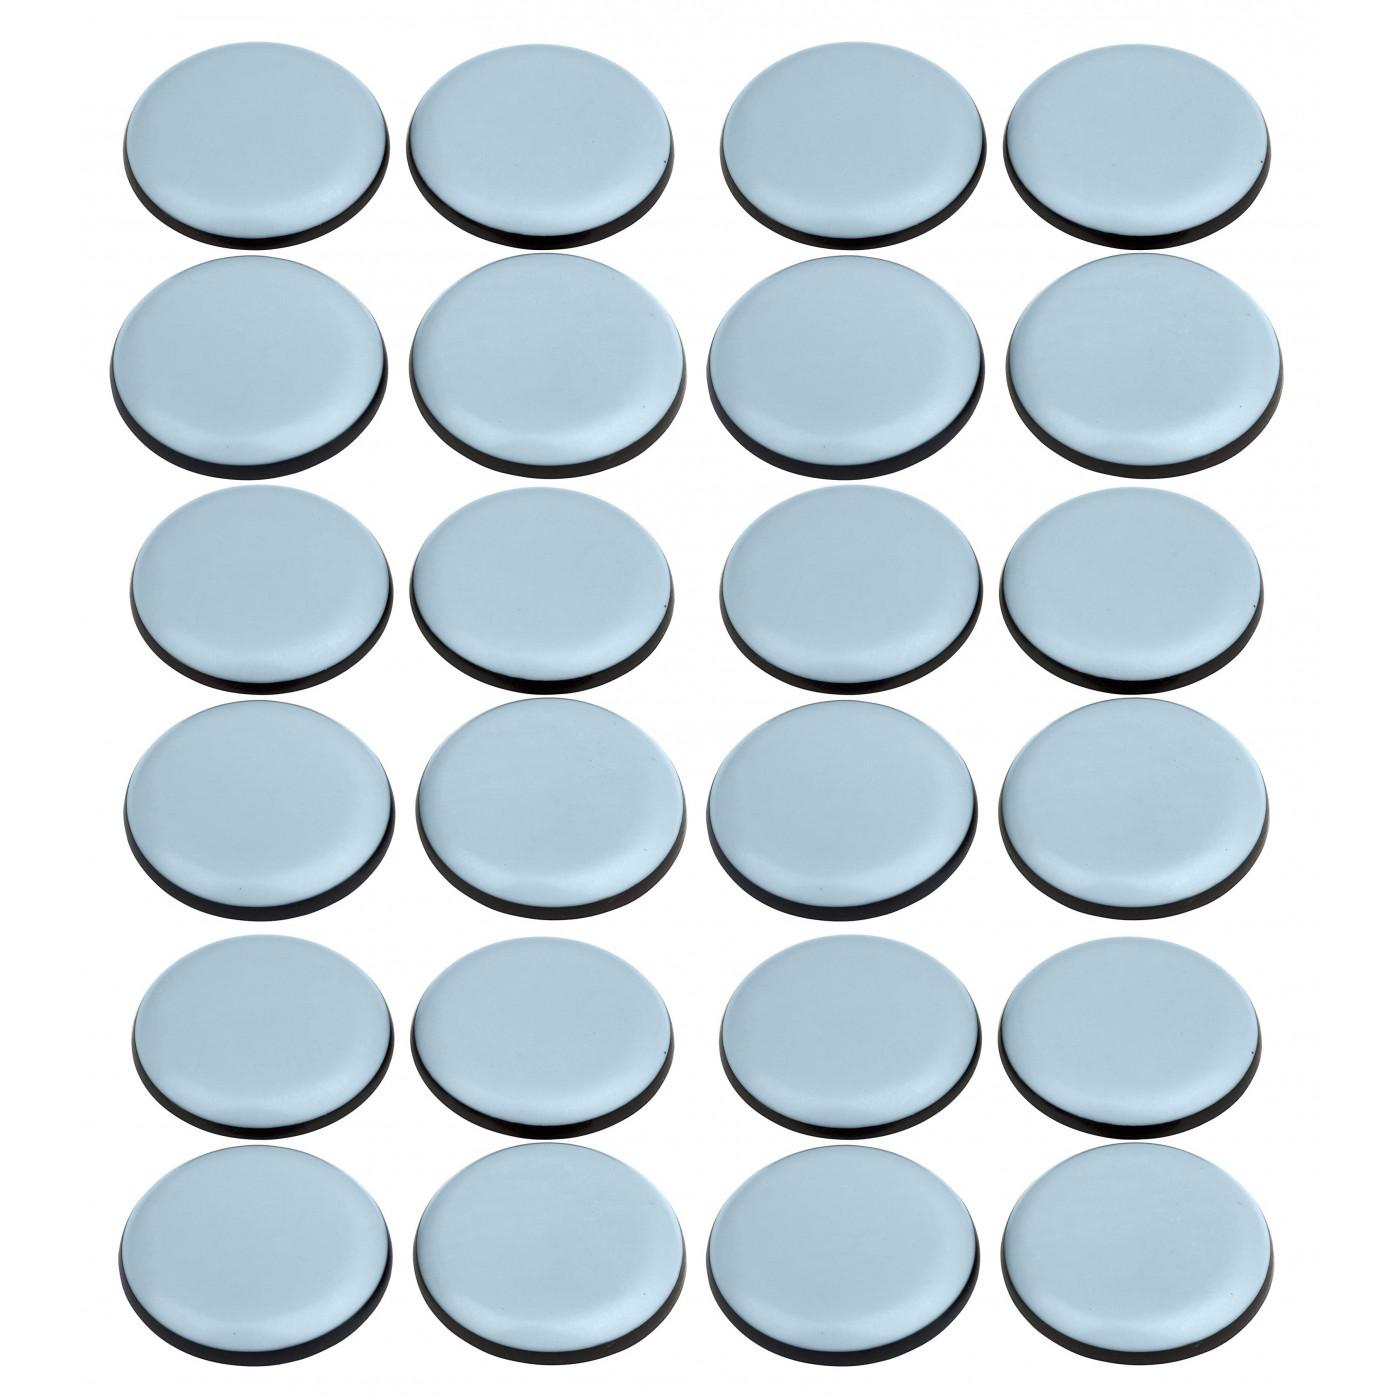 Set von 24 kratzfesten Möbelbodenschonern (rund, 25 mm, PTFE)